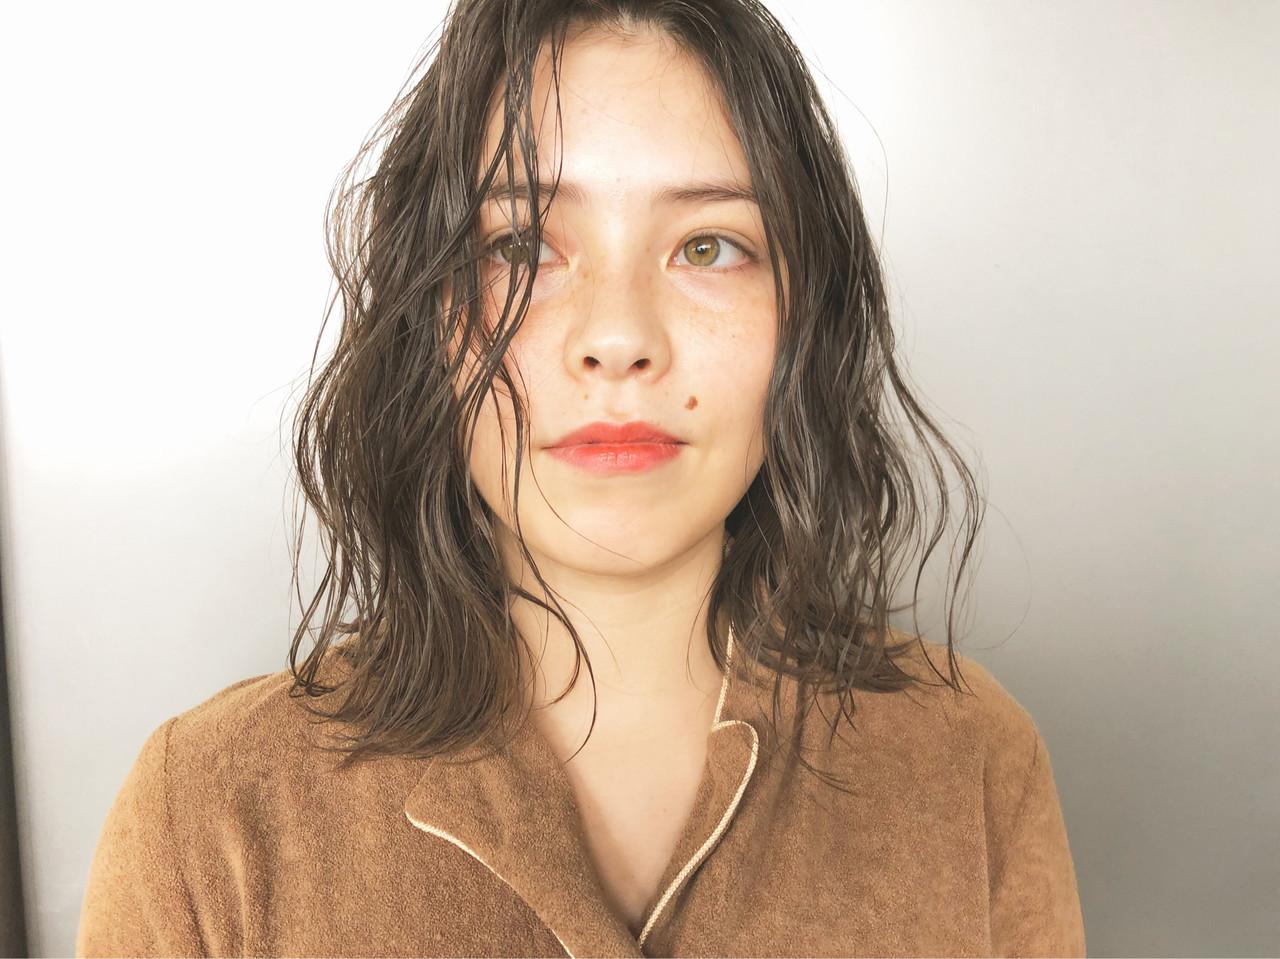 ベージュ ナチュラルベージュ ナチュラル ミディアム ヘアスタイルや髪型の写真・画像 | Suguru Komuro / Quown'   ( クオン )